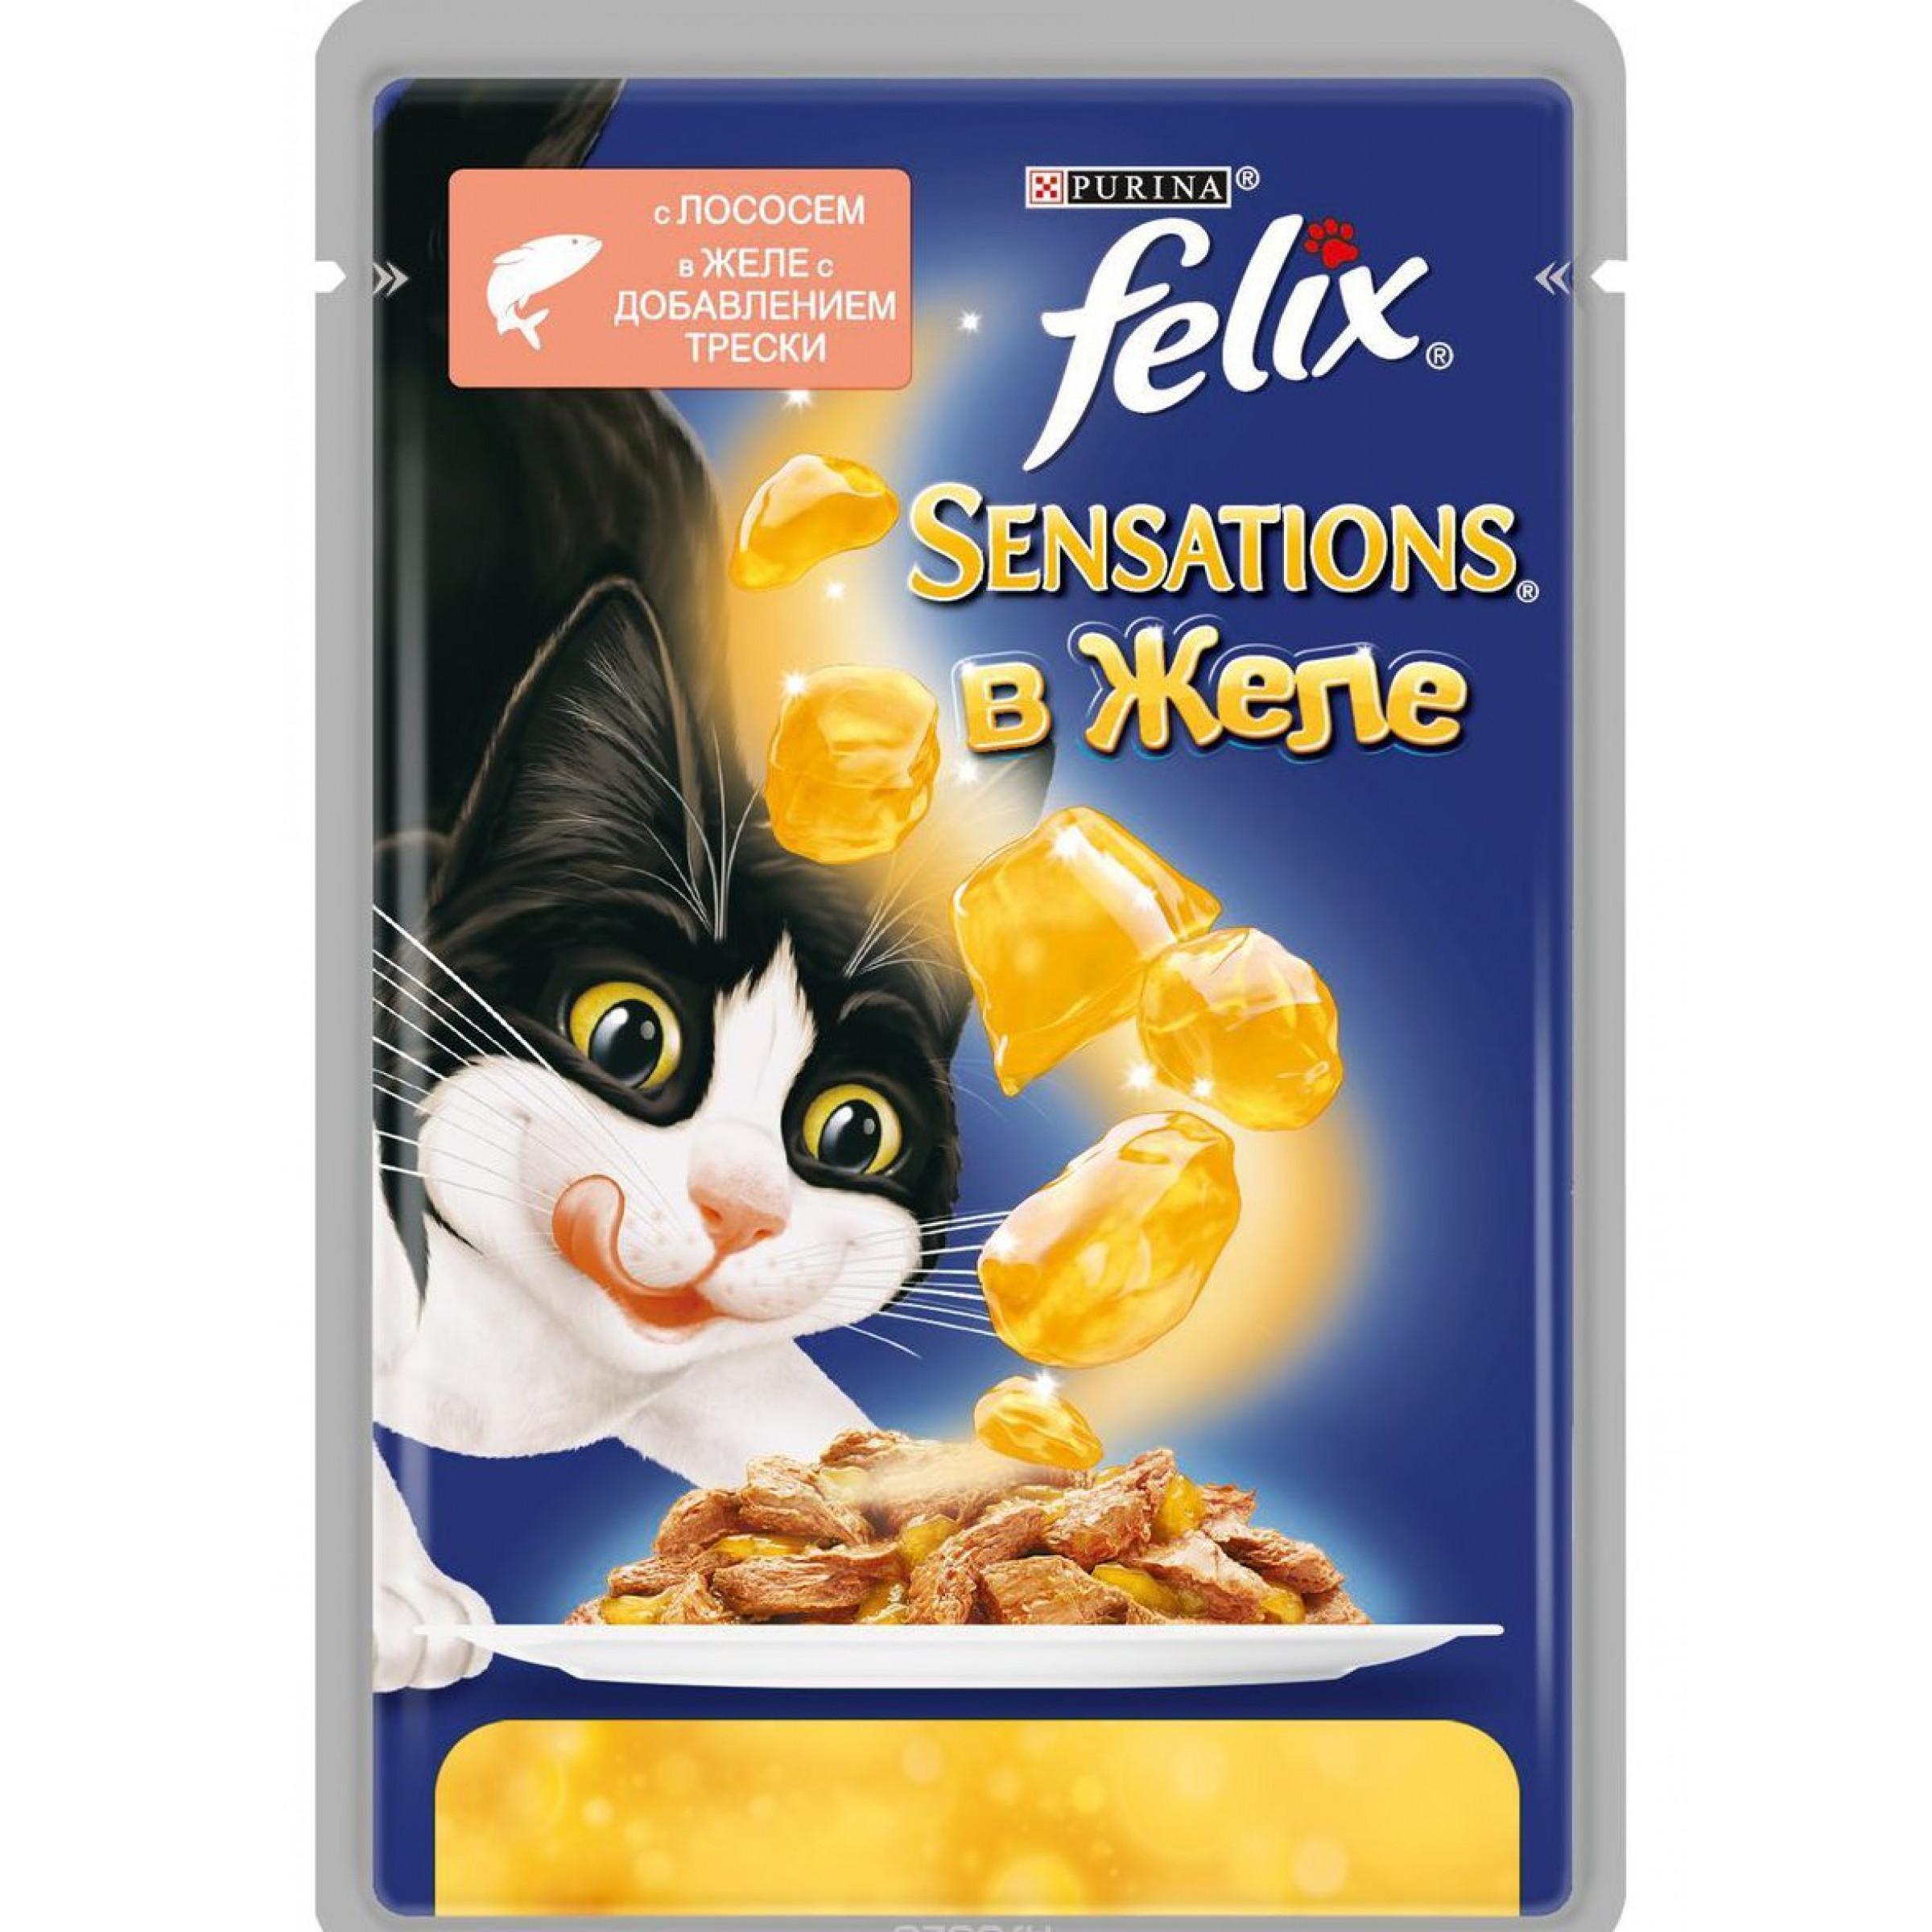 Влажный корм для взрослых кошек FELIX Sensations с лососем в желе со вкусом трески, 85 гр